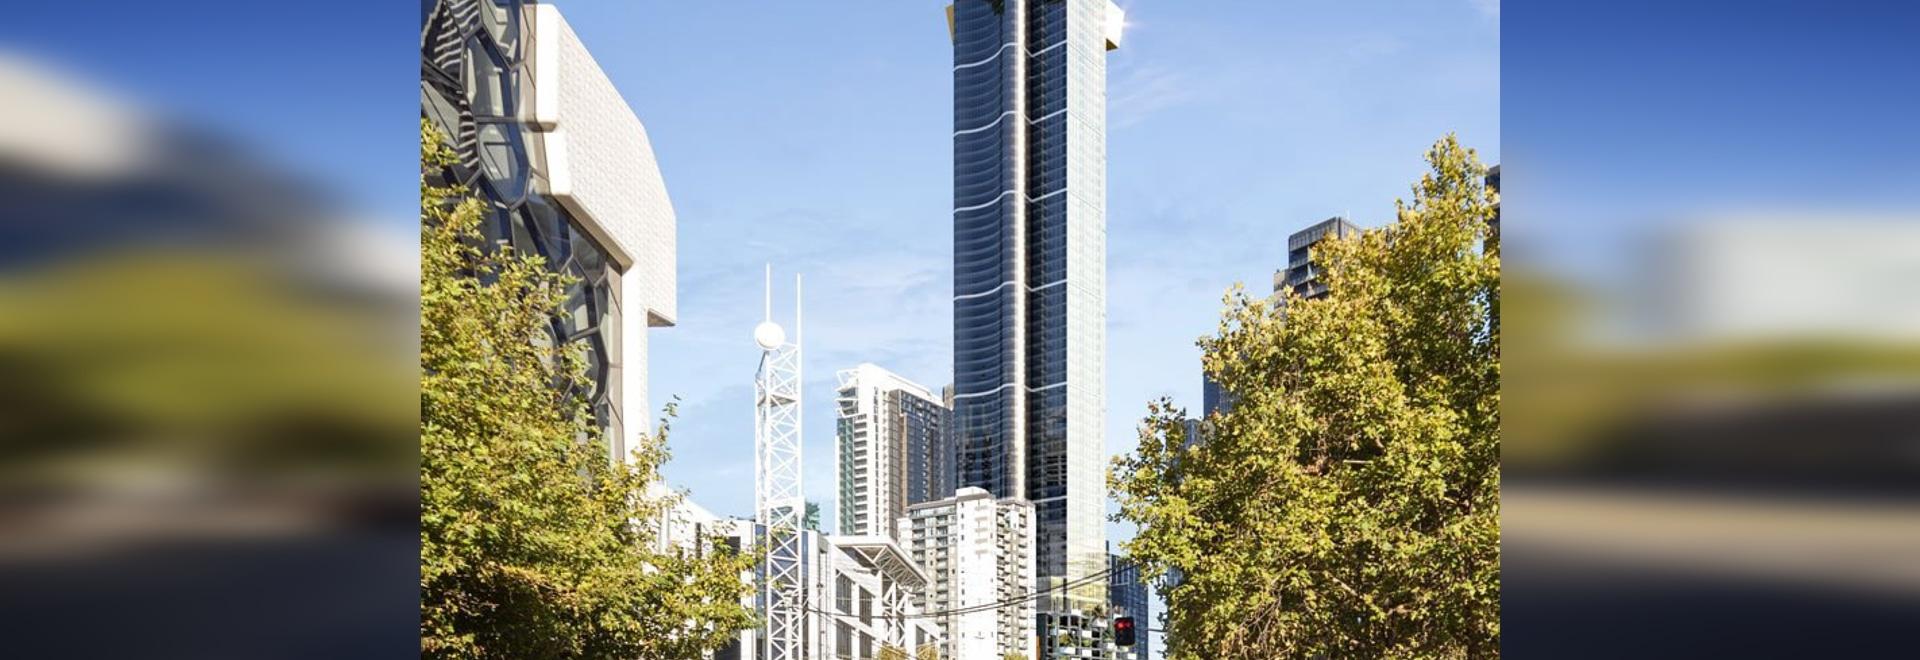 L'Australie 108, Melbourne, Australie